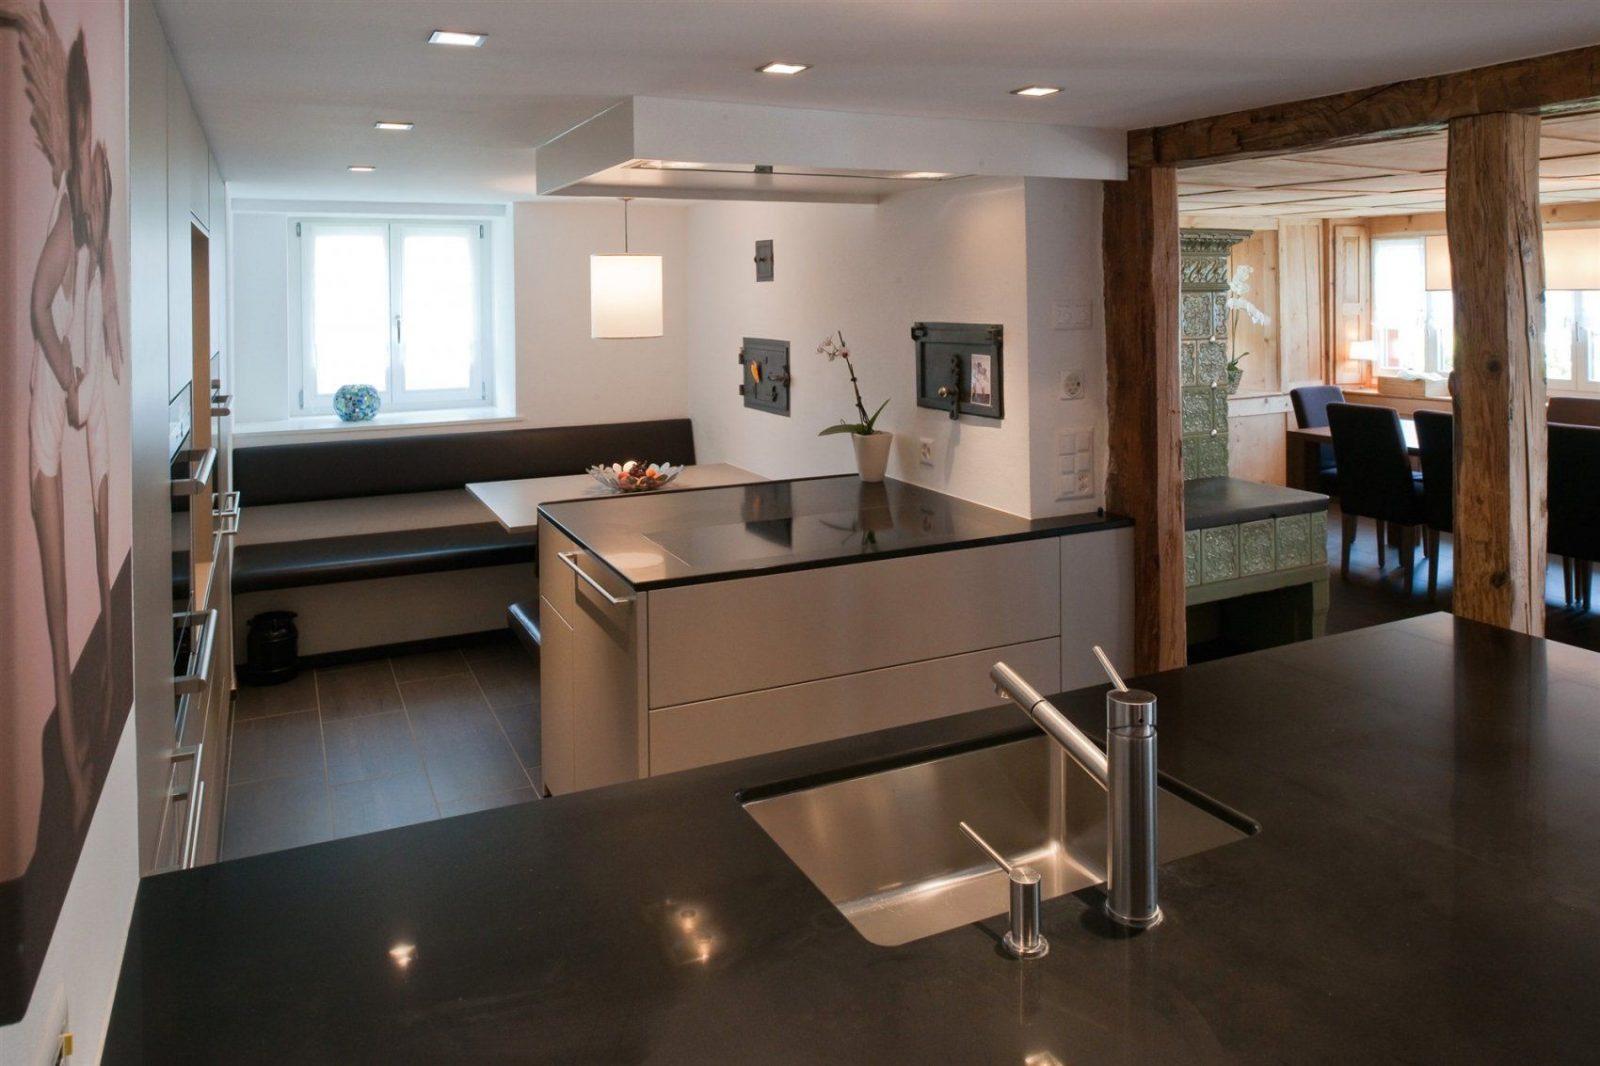 Renovierung Ideen. Awesome Wohnzimmer Renovieren Ideen Bilder Schn ...